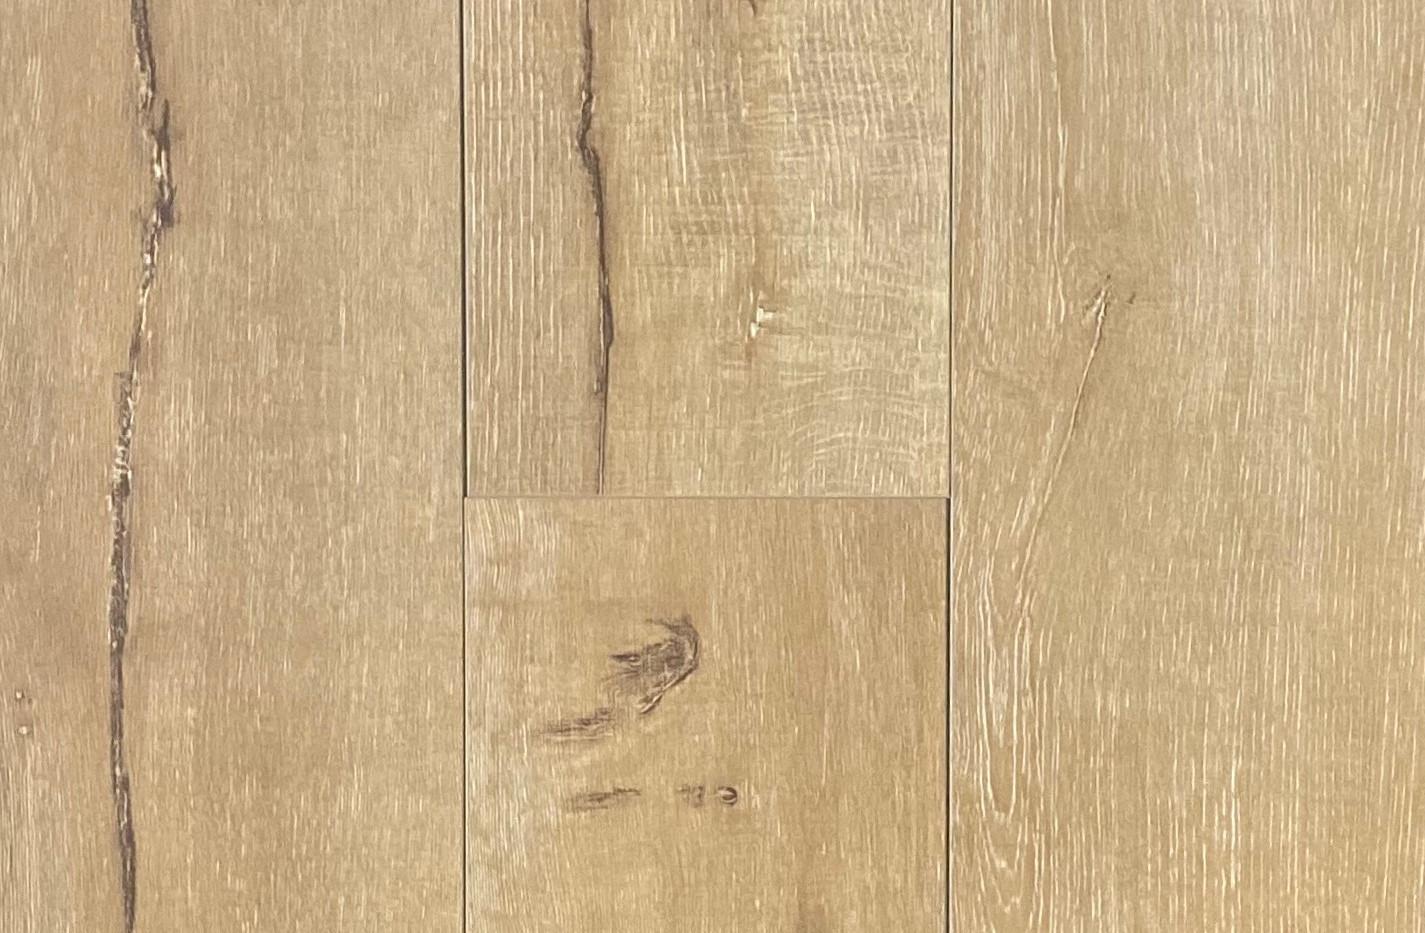 Rustic Timber